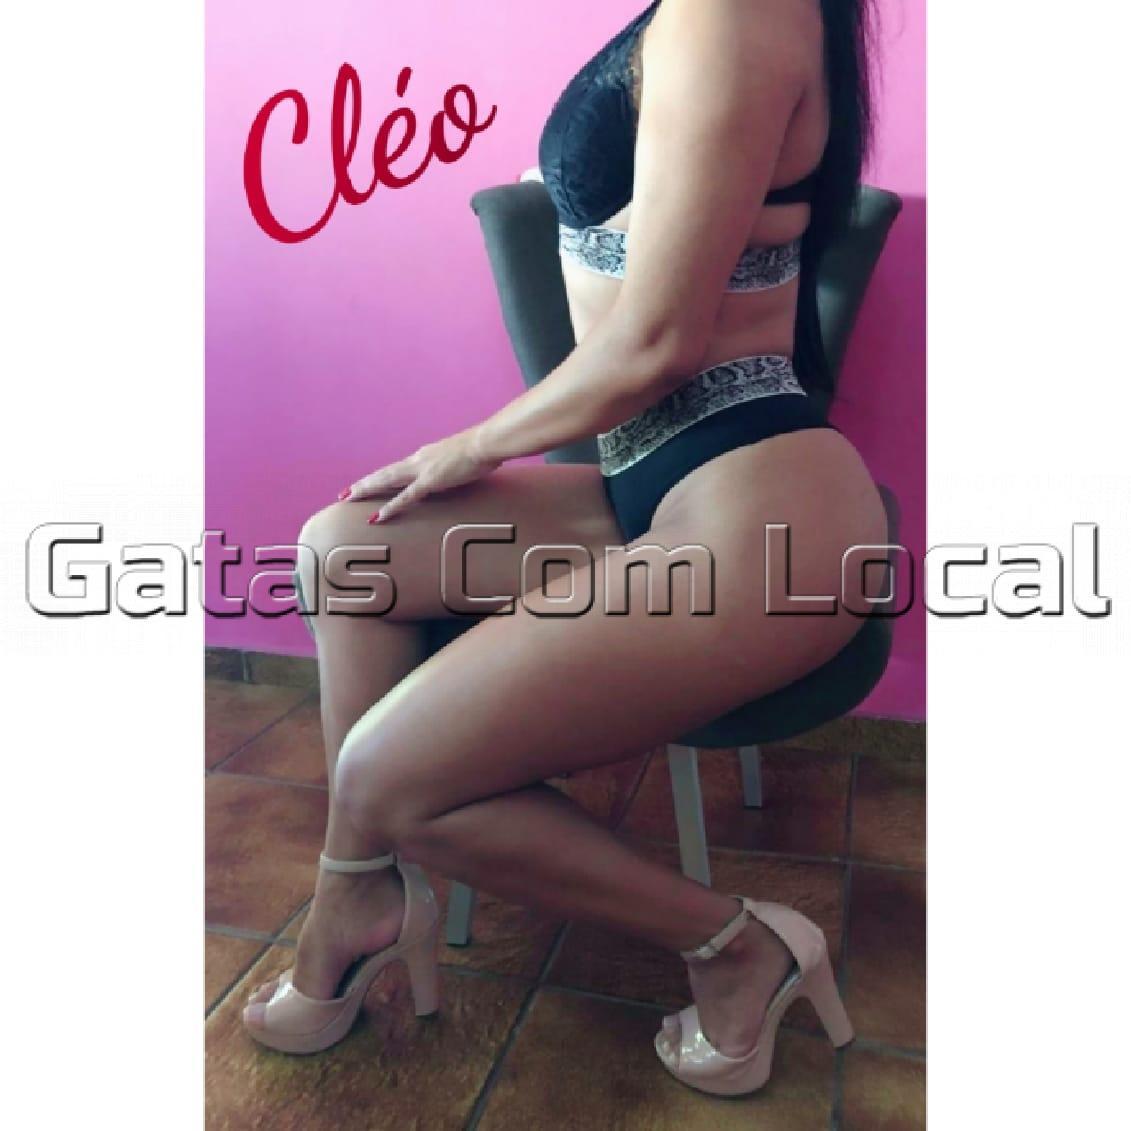 Garotas-de-programa-em-Natal-cleo-2 Cléo Pontes